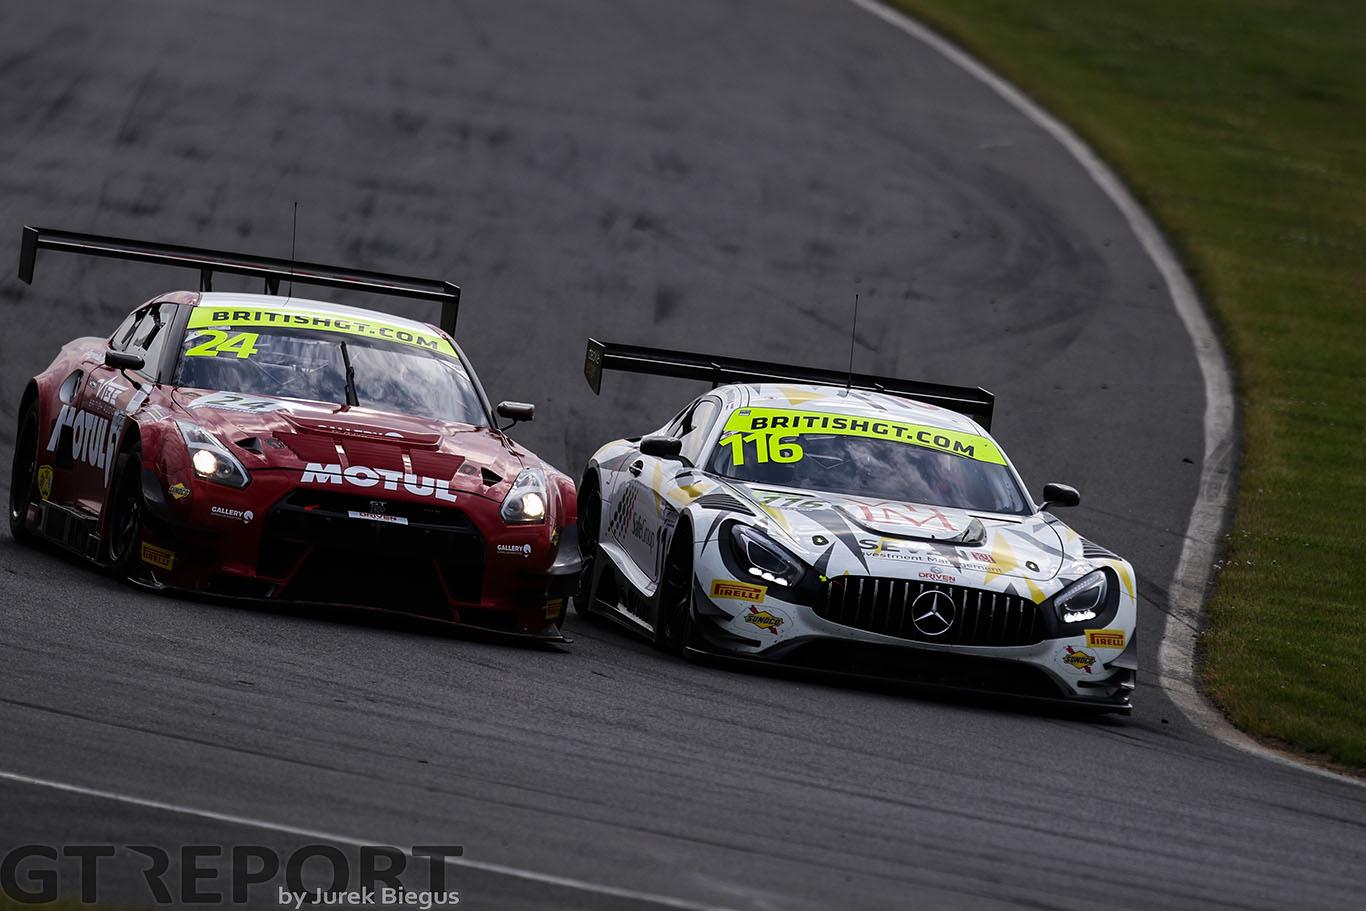 British GT Silverstone 500 live stream